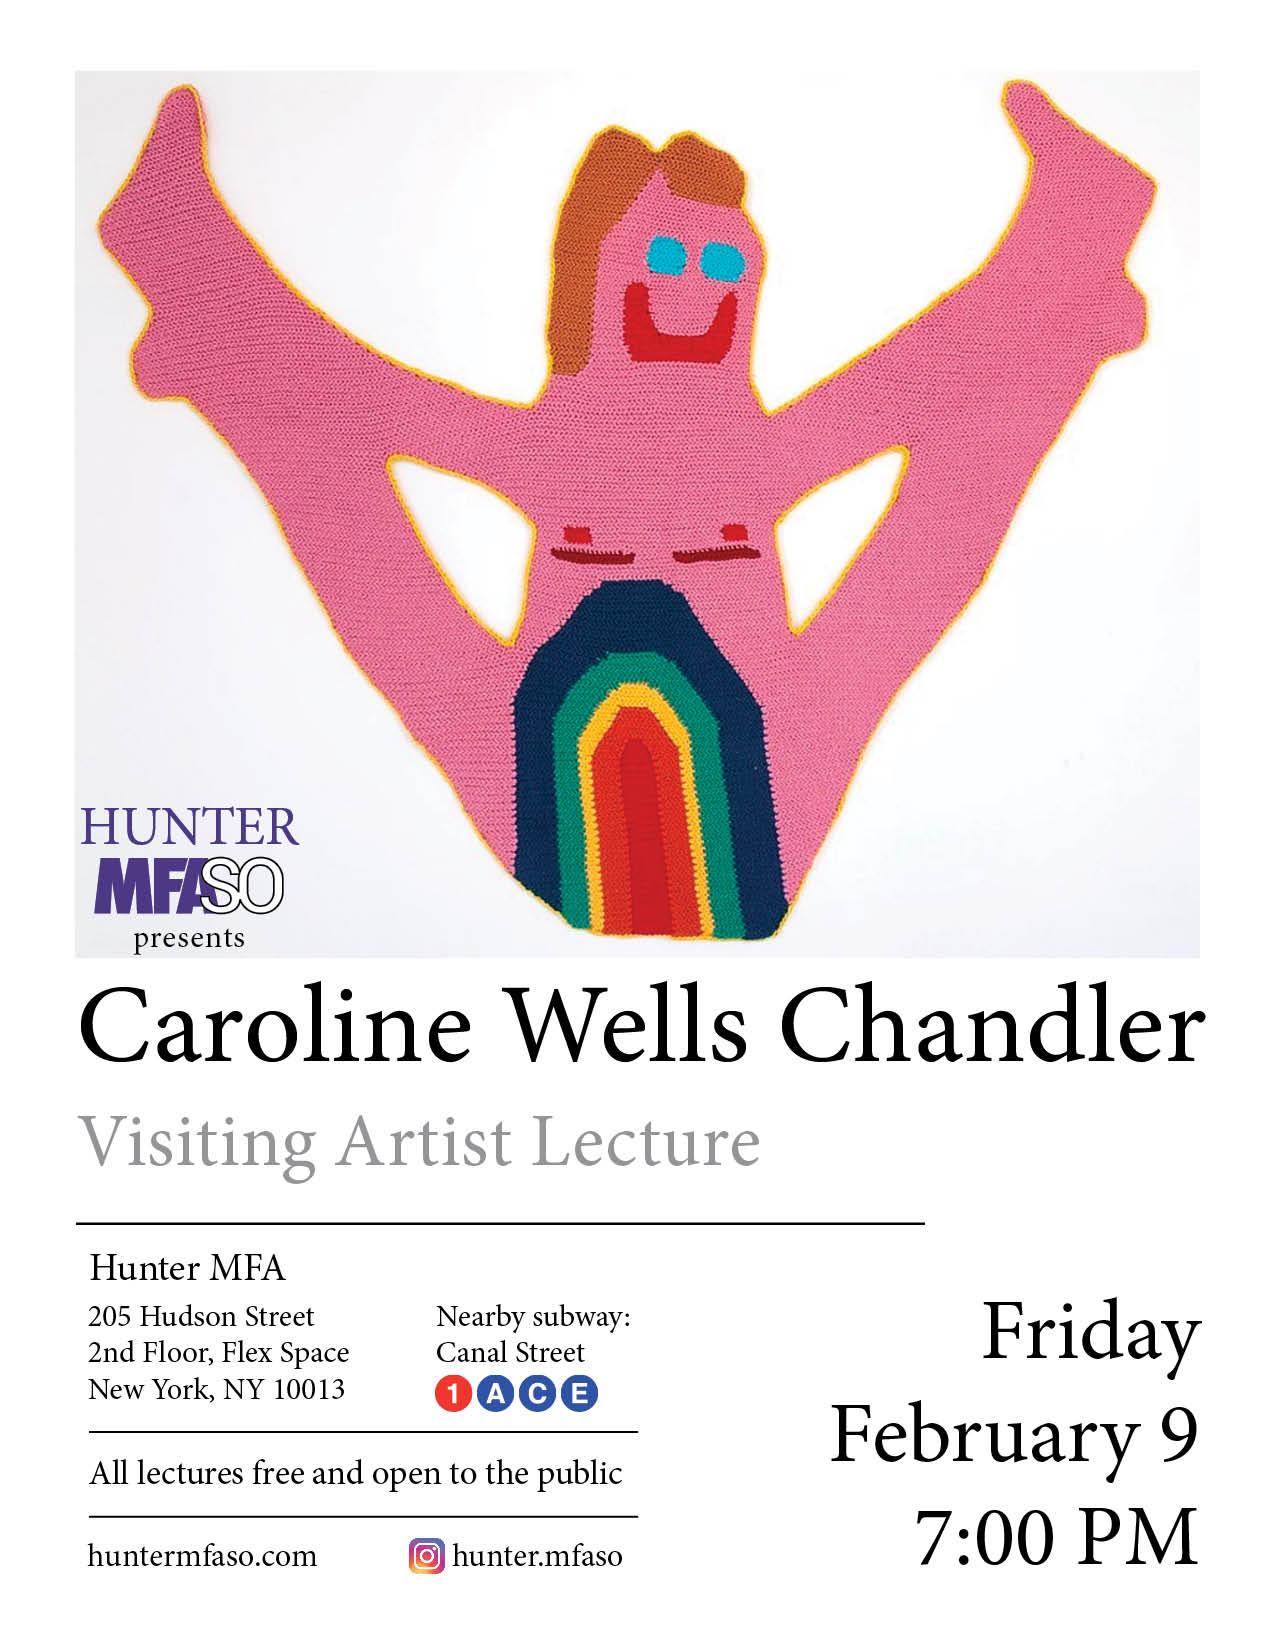 CarolineWellsChandler_VisitingArtistLecture.jpg